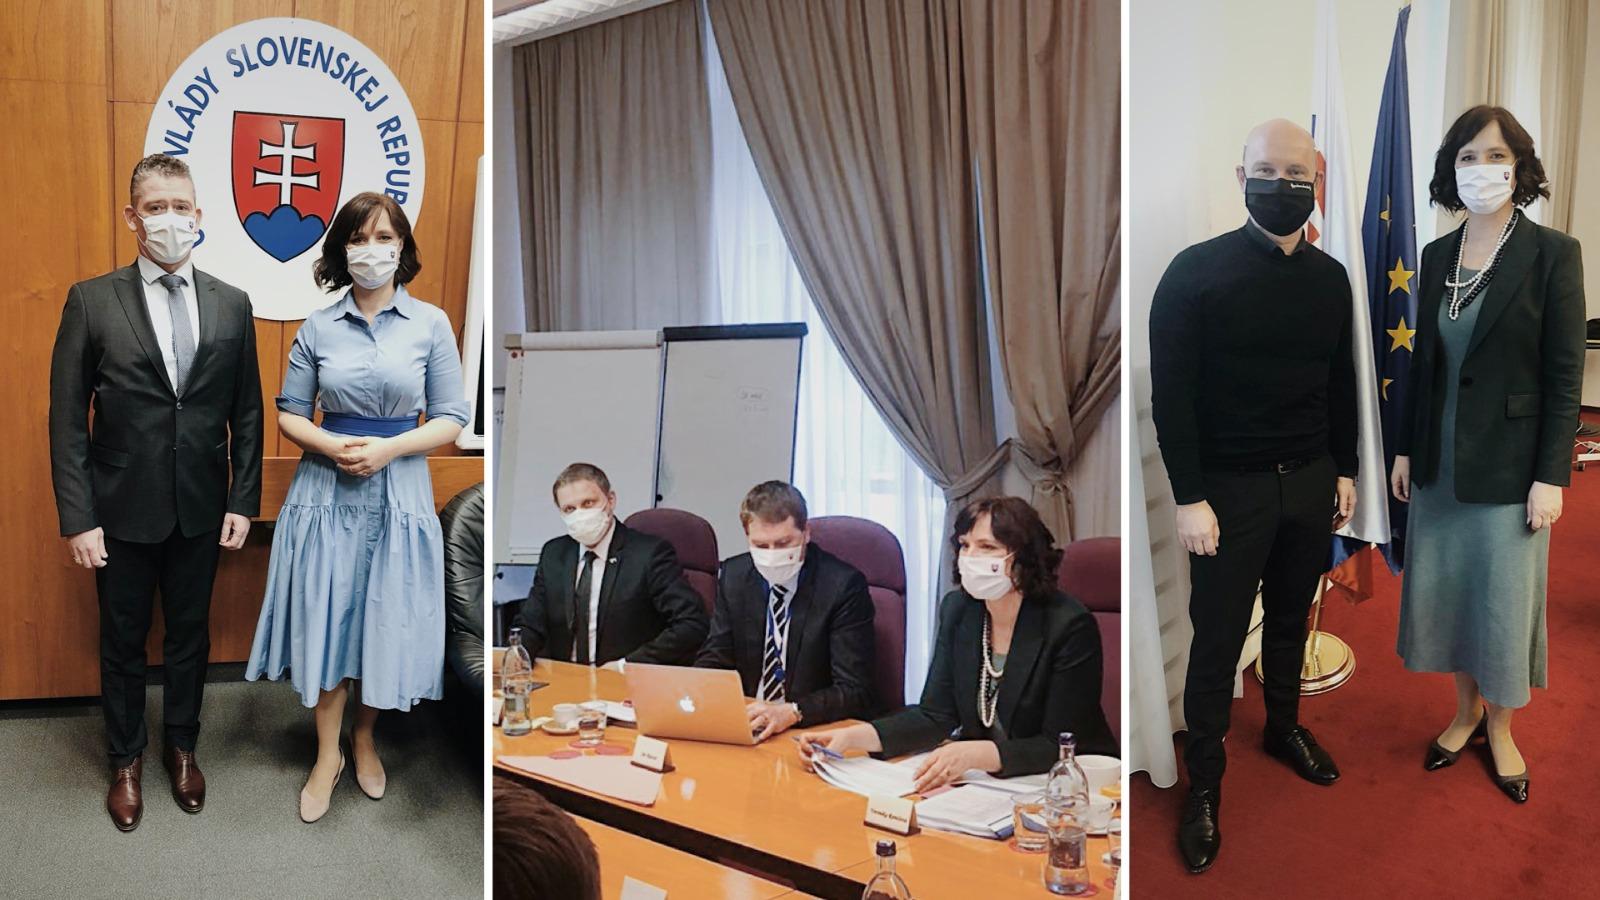 Vicepremiérka Remišová rokovala s ministrami o ich prioritách pri čerpaní eurofondov